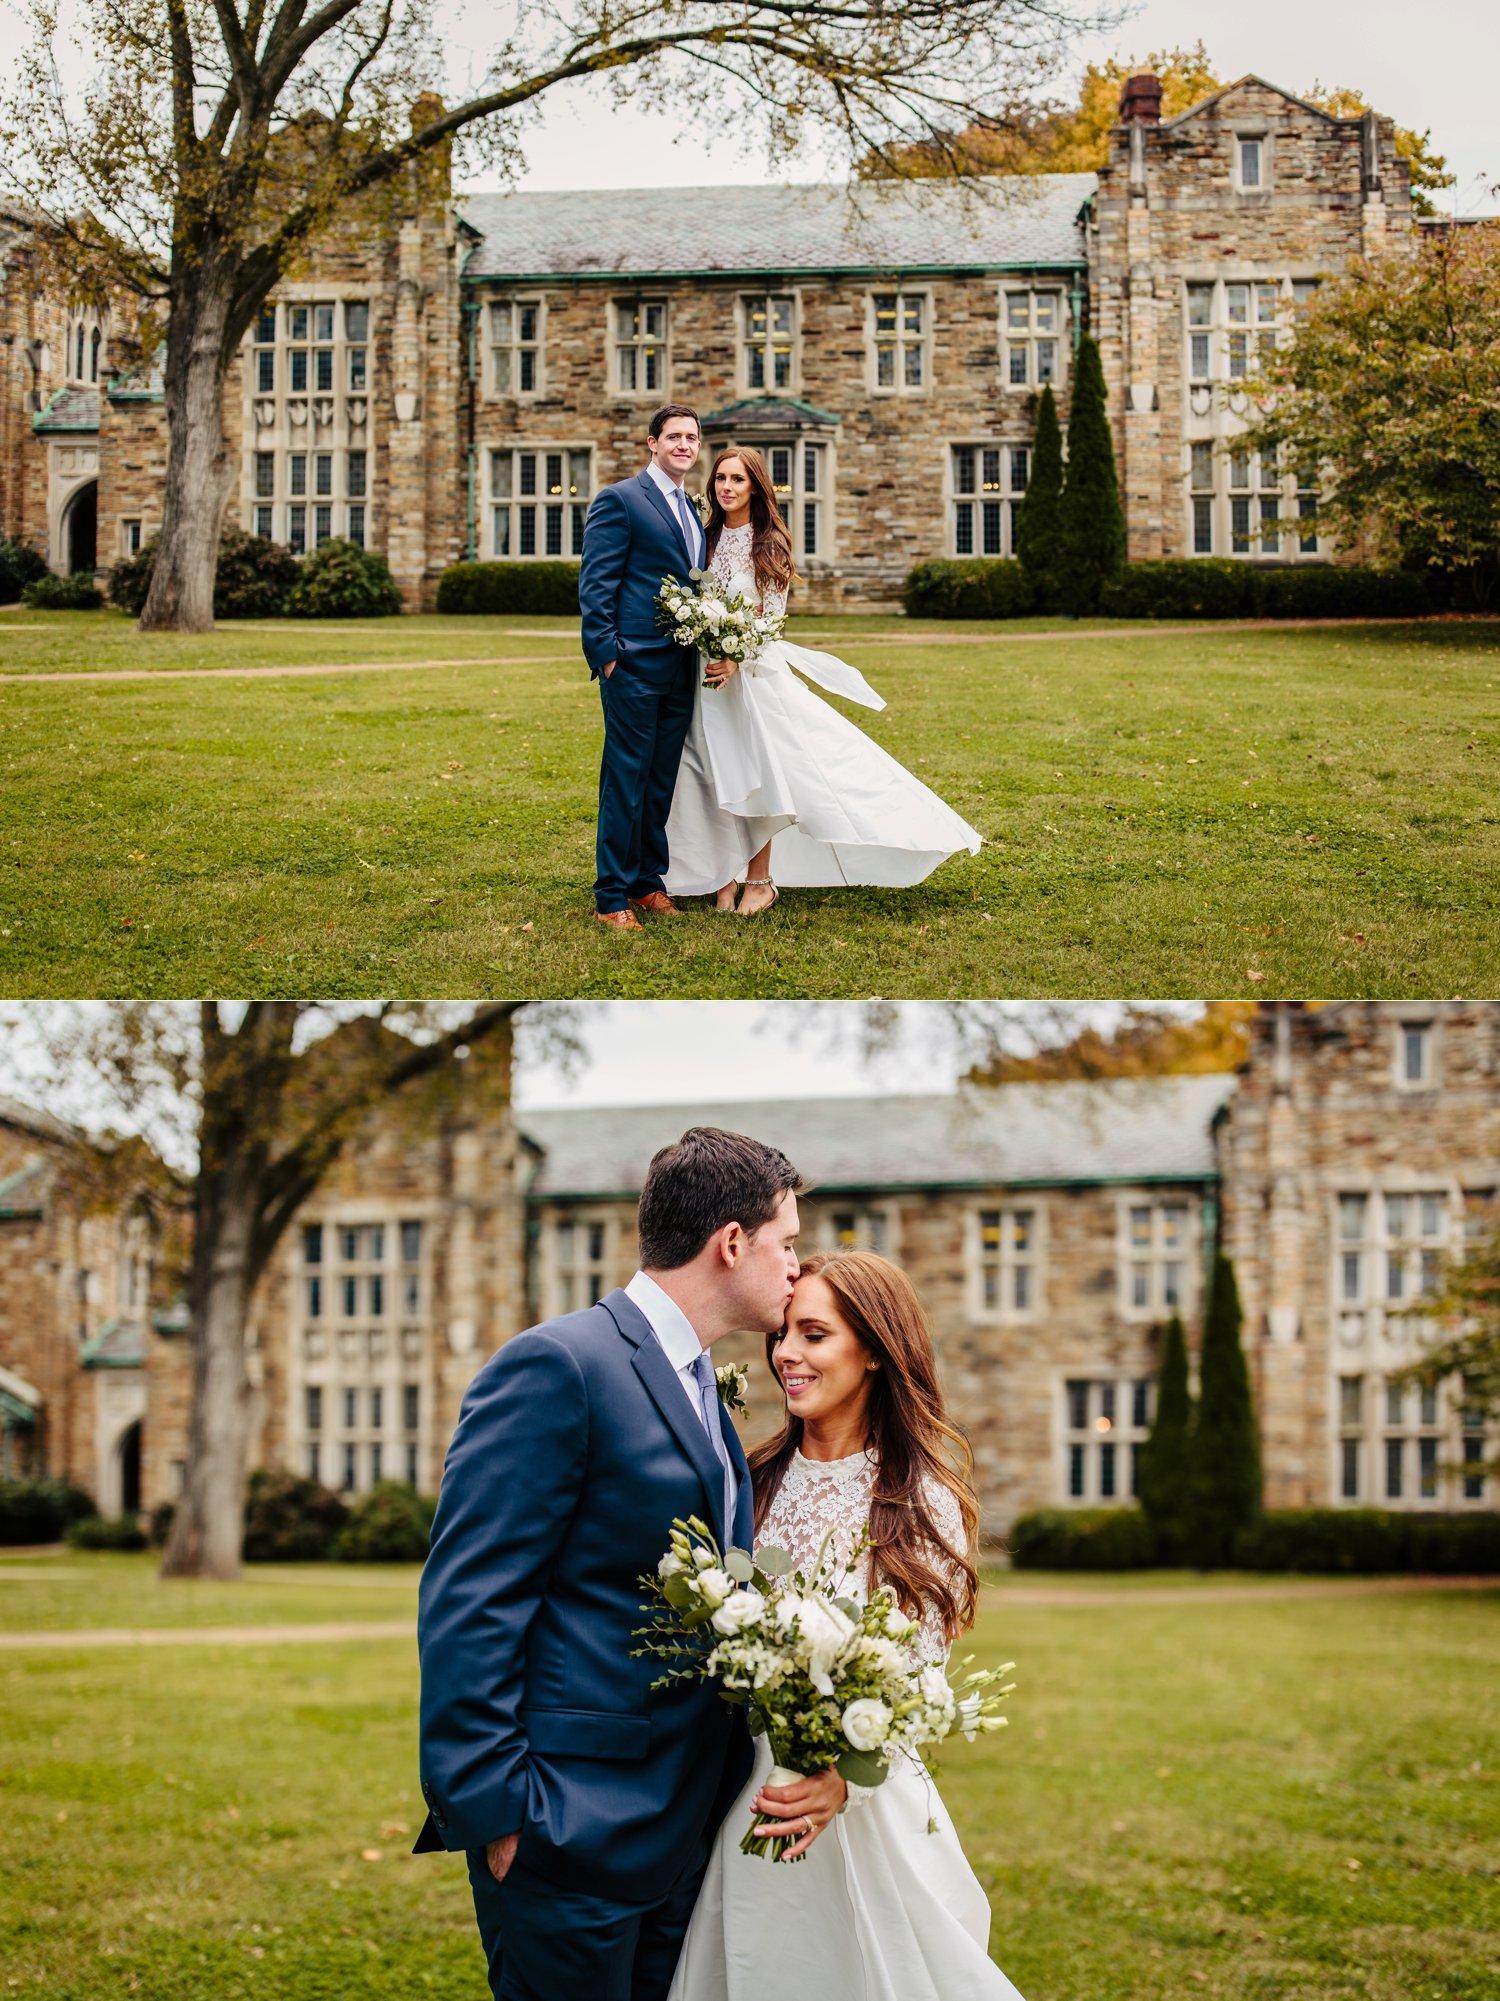 CK-Photo-scarritt-bennett-wedding_0021.jpg